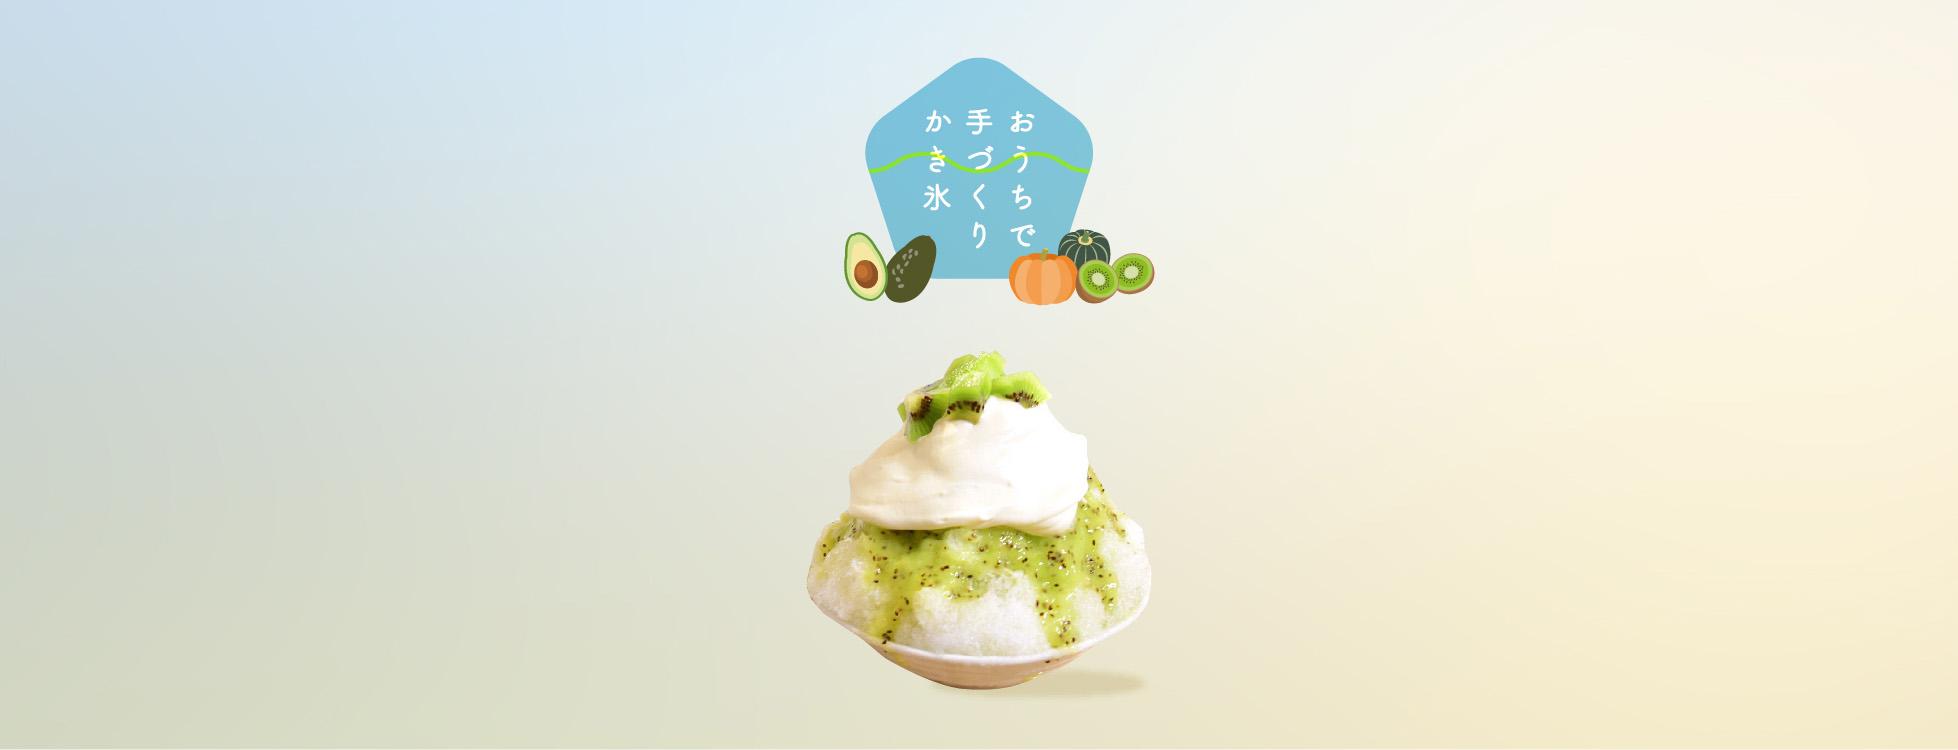 ごほうびかき氷はおうちで!簡単レシピ 3選